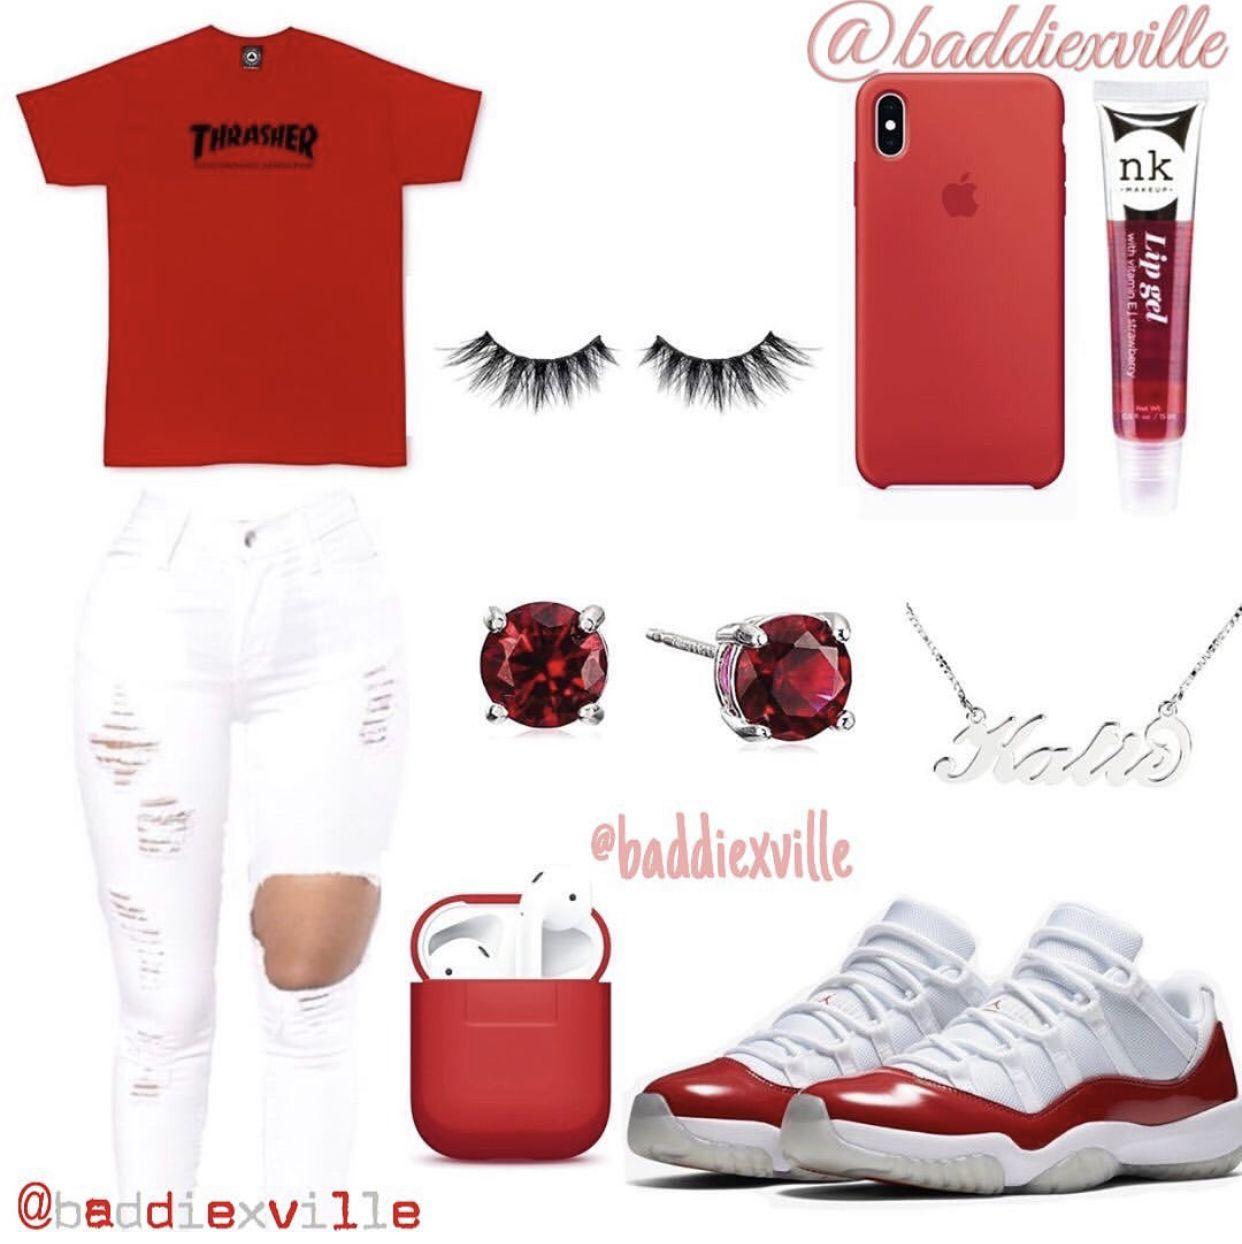 Baddiexville